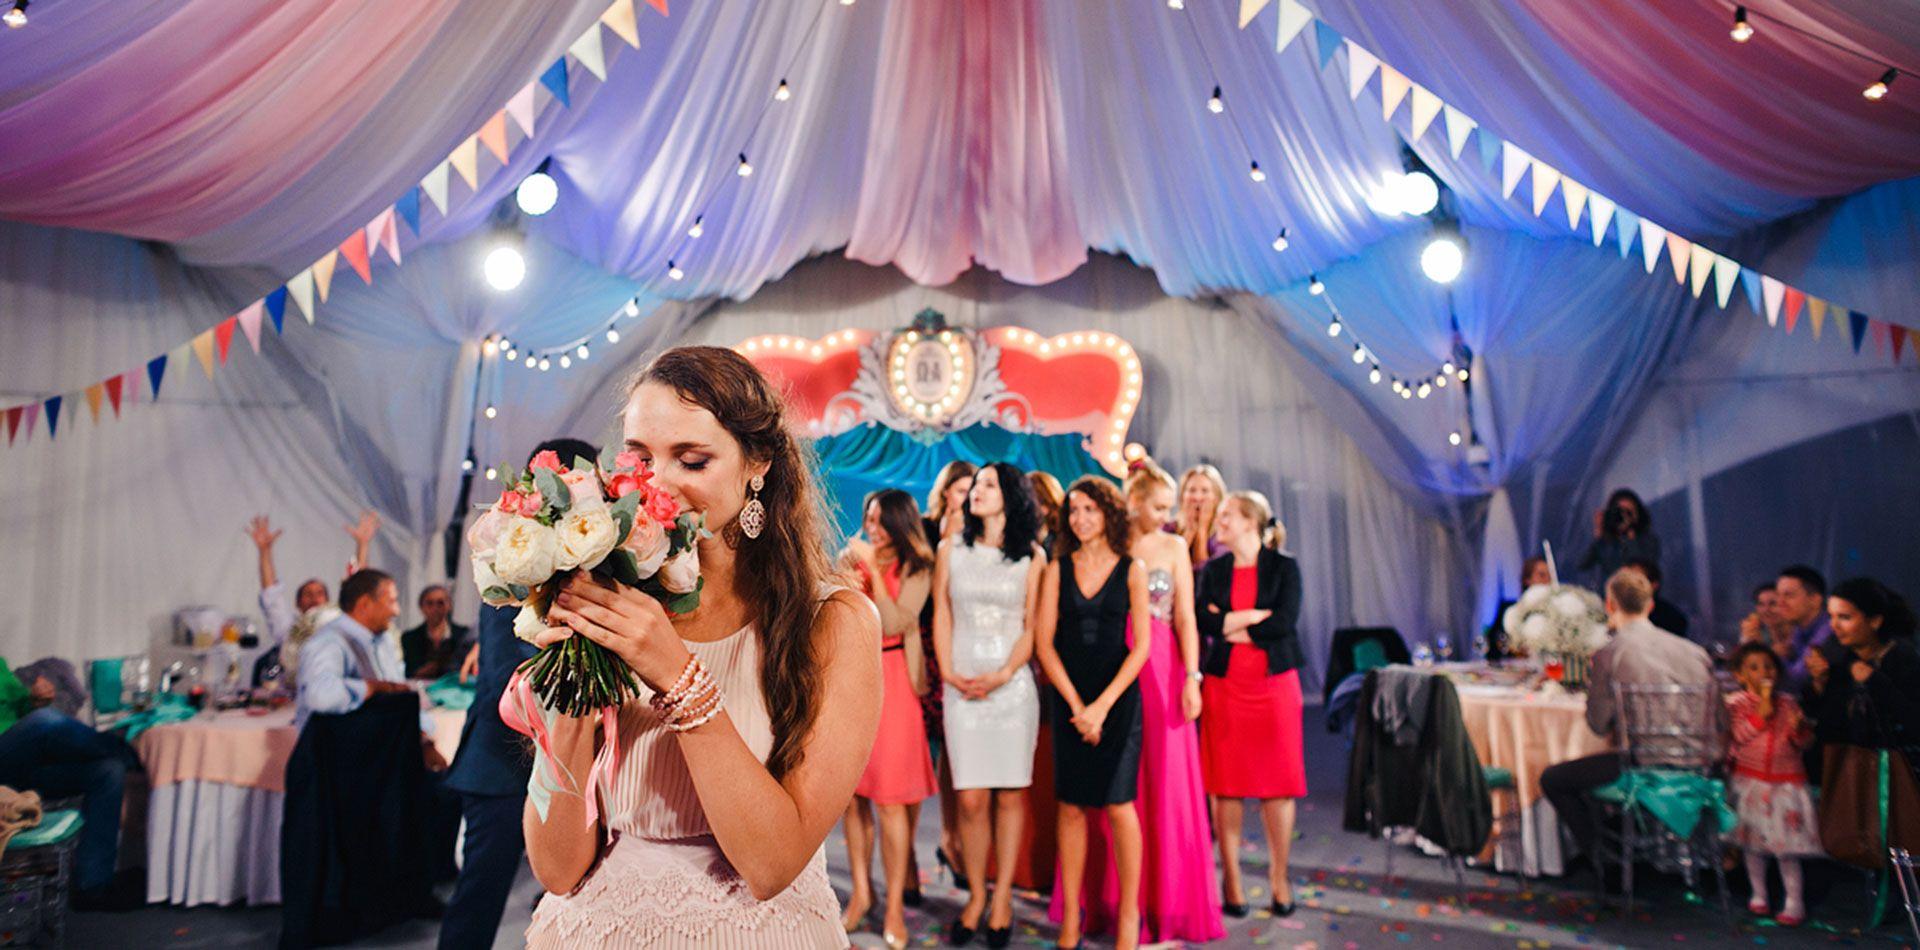 Организатор Варвара Перегудова: световое оборудование на свадьбе фото 14